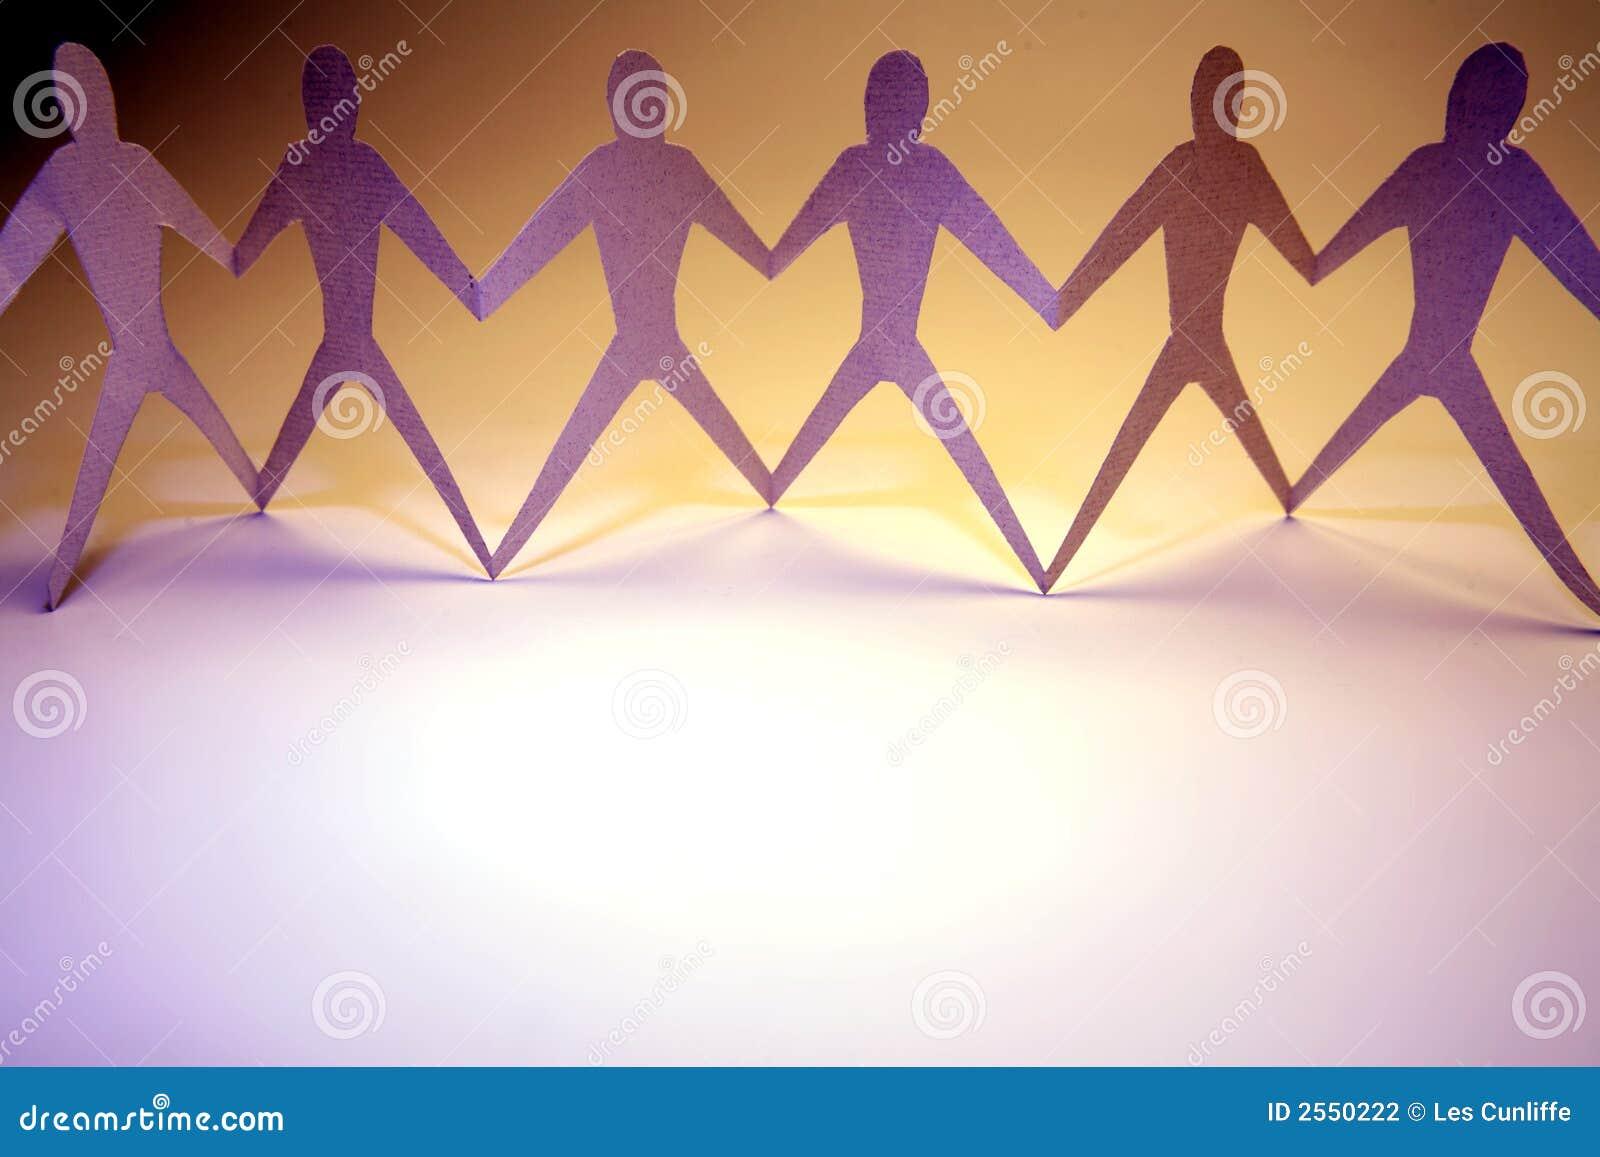 Män som tillsammans sammanfogas